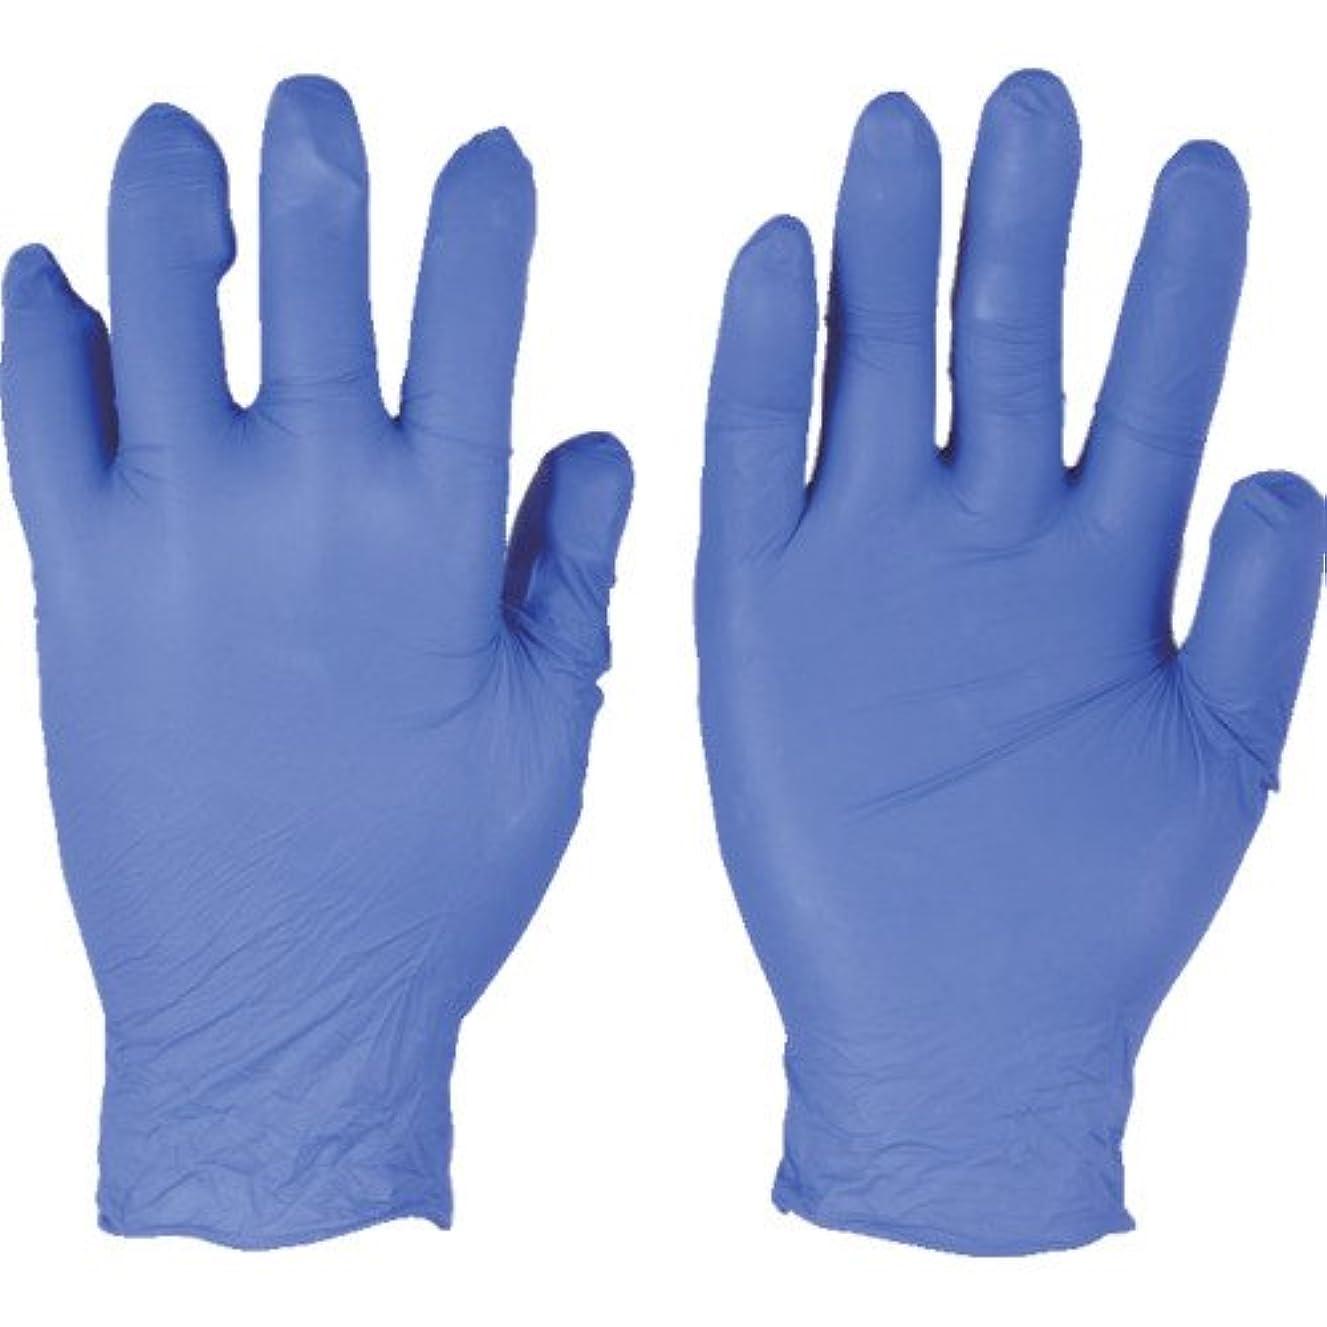 持っている周囲殉教者トラスコ中山 アンセル ニトリルゴム使い捨て手袋 エッジ 82-133 Mサイズ(300枚入り)  (300枚入) 821338